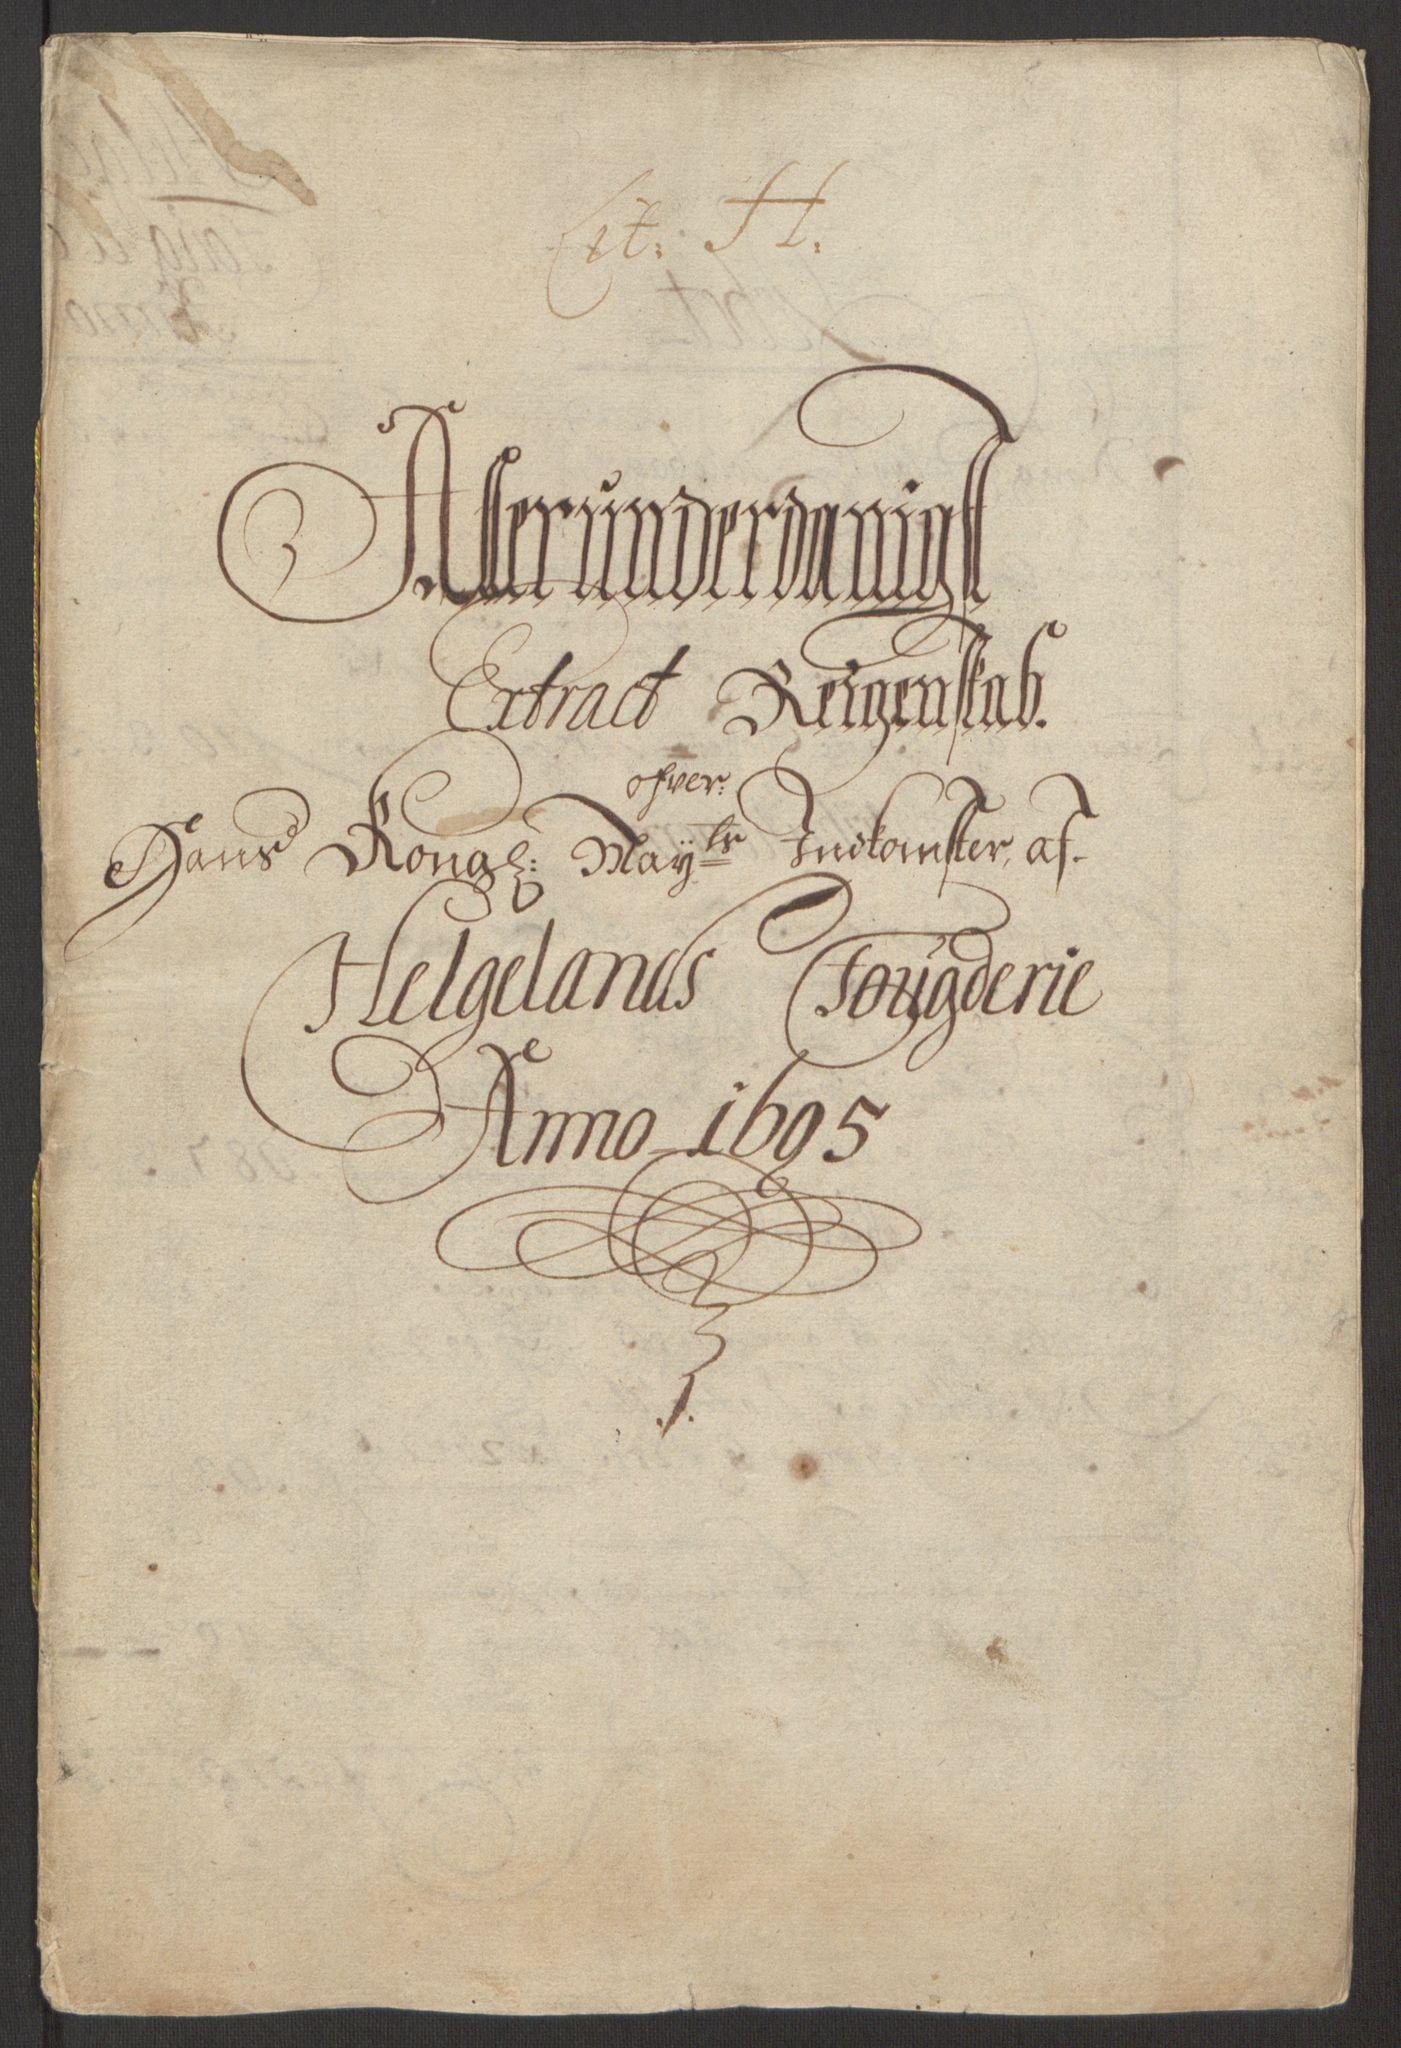 RA, Rentekammeret inntil 1814, Reviderte regnskaper, Fogderegnskap, R65/L4505: Fogderegnskap Helgeland, 1693-1696, s. 271